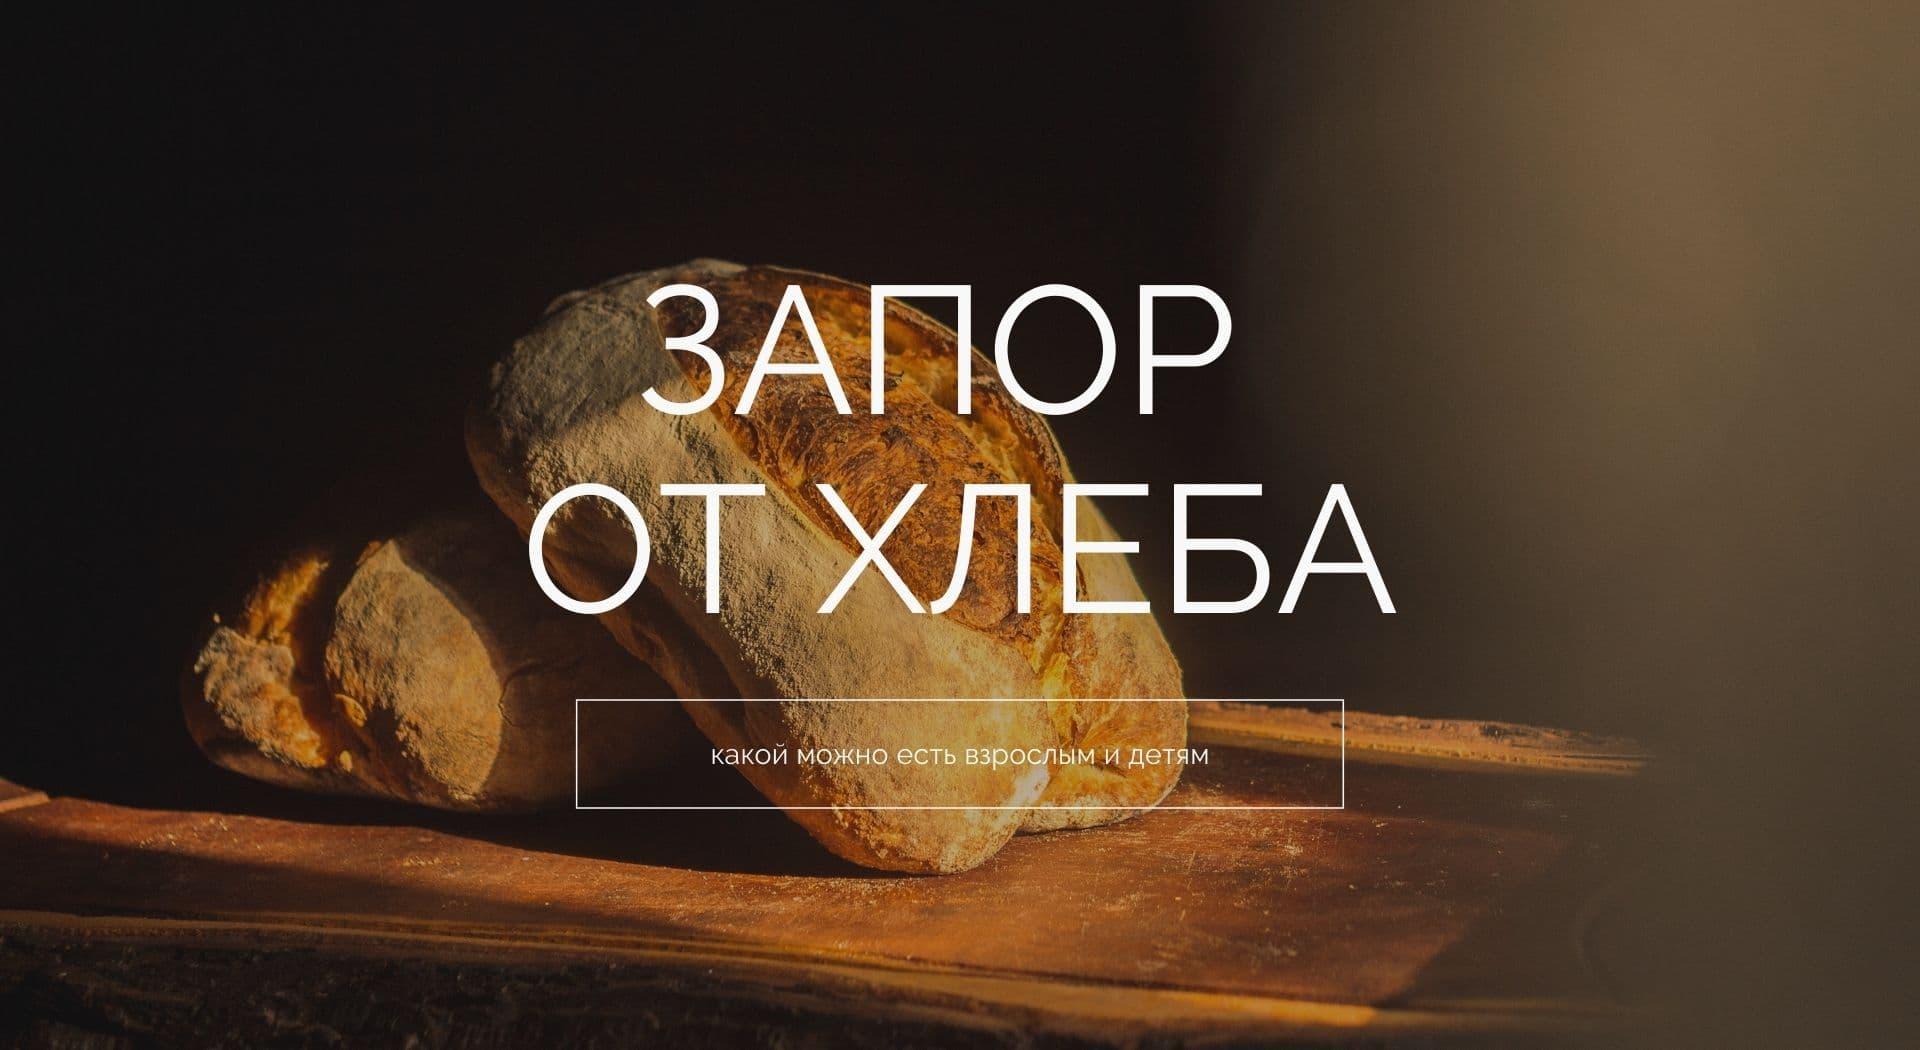 Запор от хлеба: какой можно есть взрослым и детям